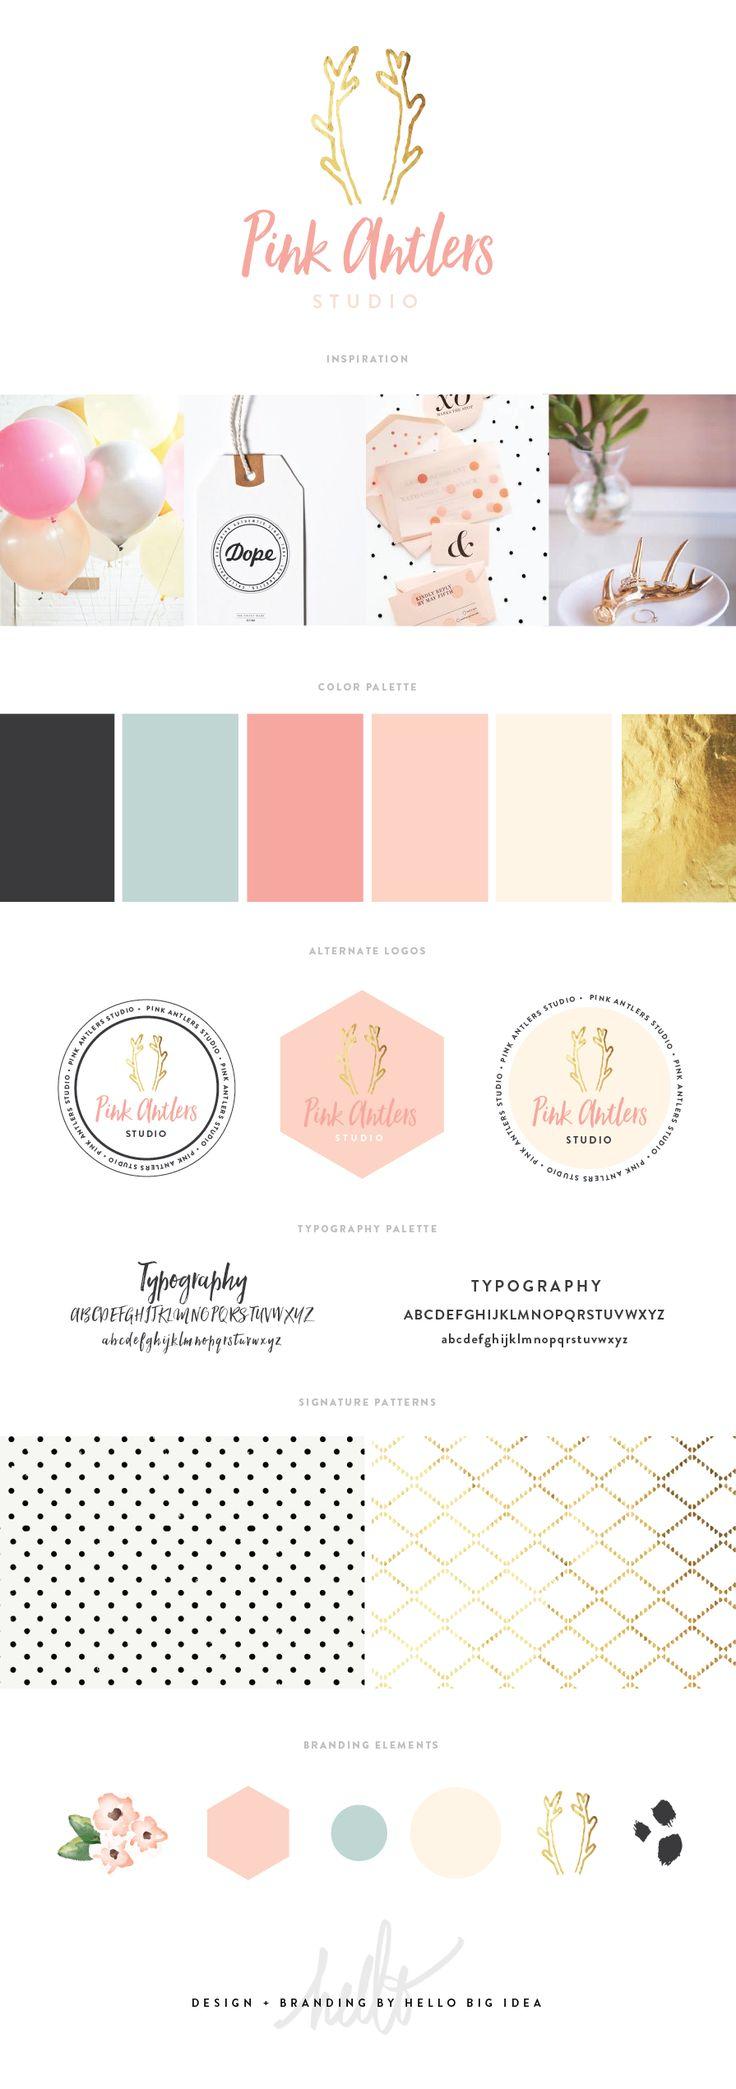 Brand Design | Pink Antlers Studio — Hello Big Idea #branding #styleguide #brandingboard